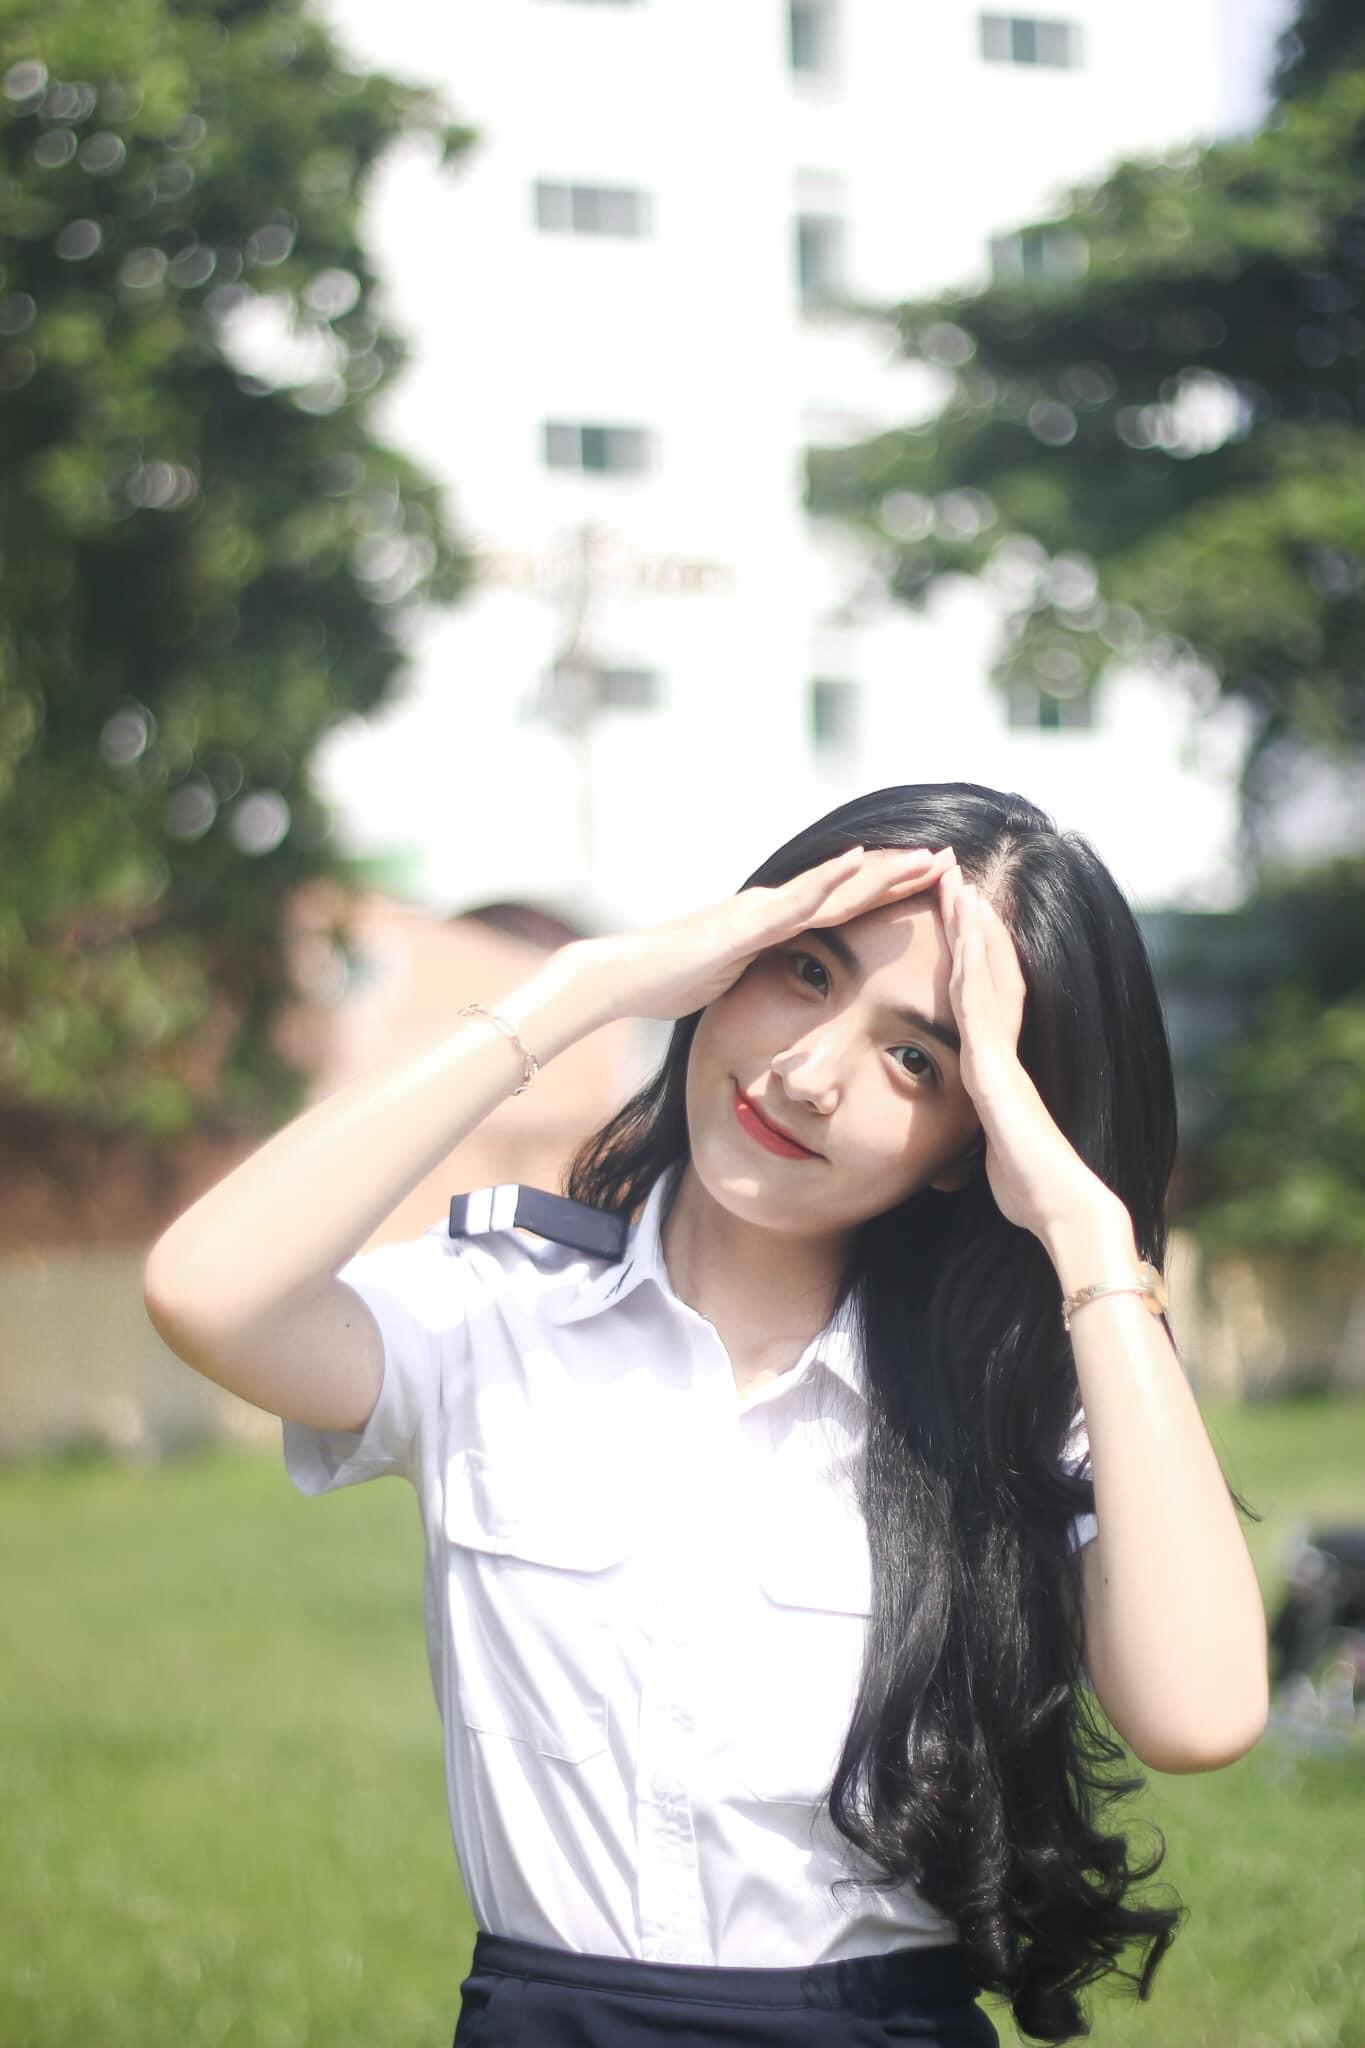 """Nữ sinh Học viện Hàng không đẹp """"nín thở"""" trong bộ ảnh chụp vội ngoài sân trường - Ảnh 2"""